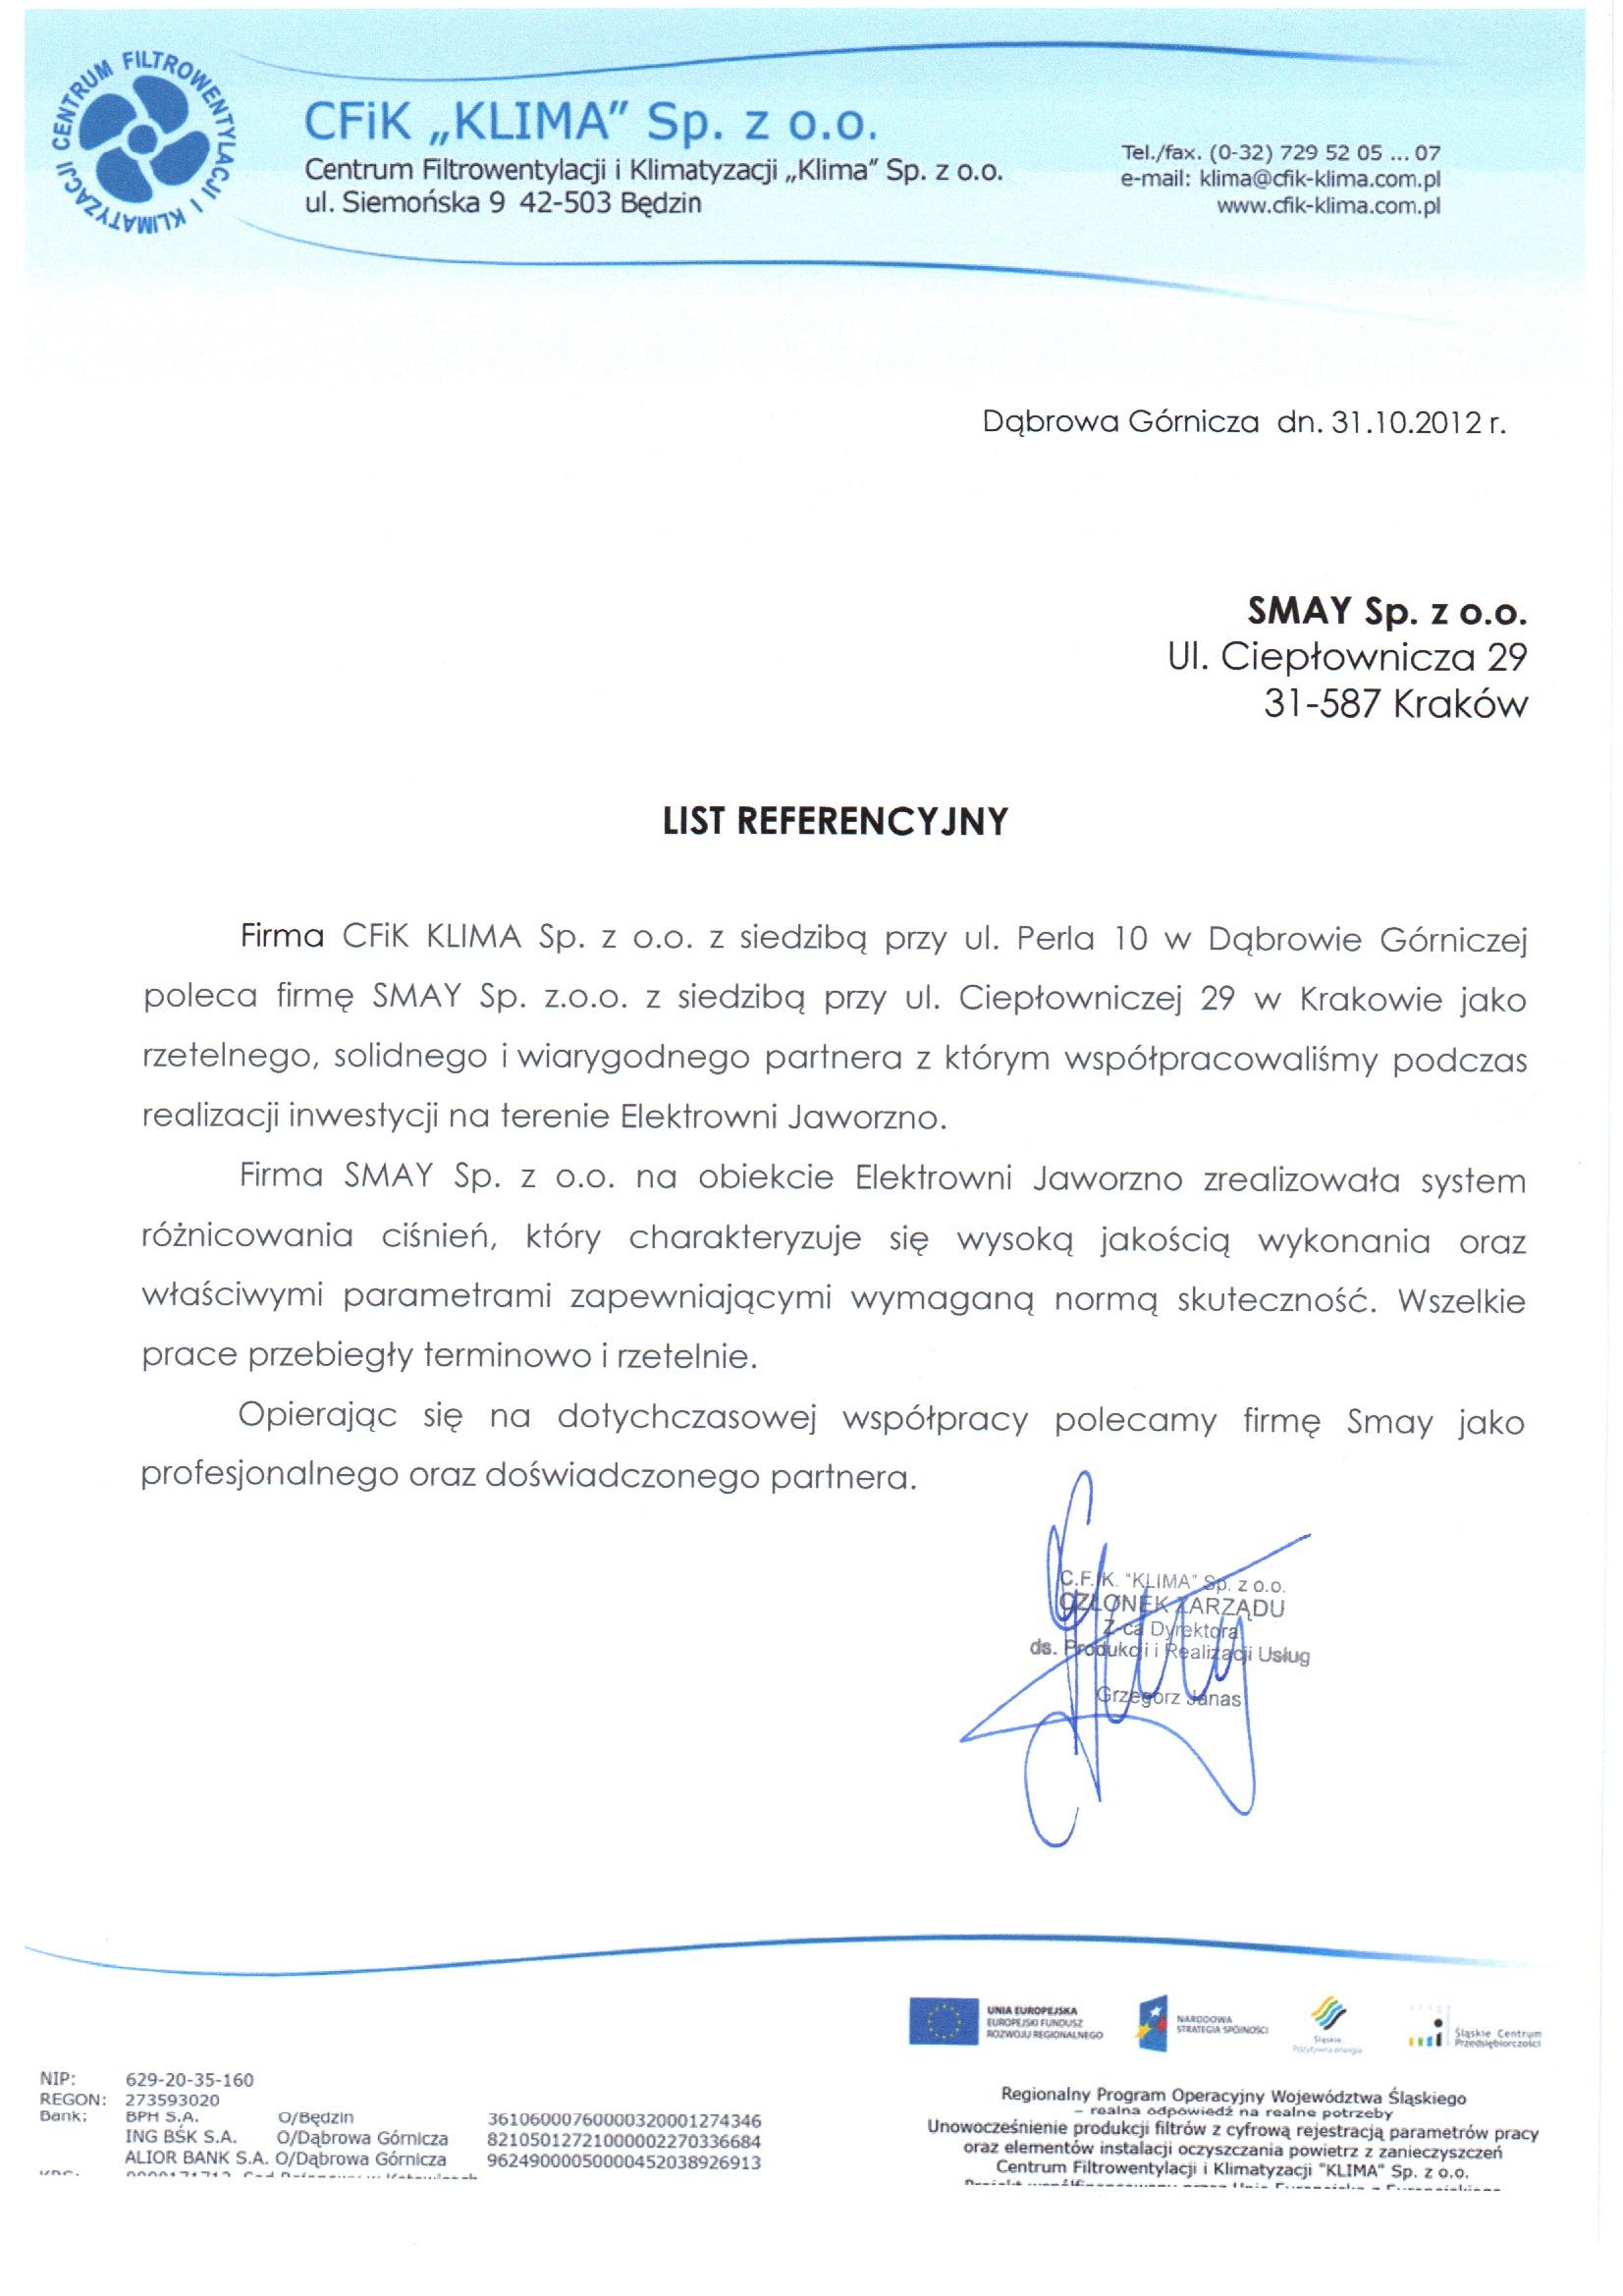 Reference - CFiK Klima Sp. z o.o.